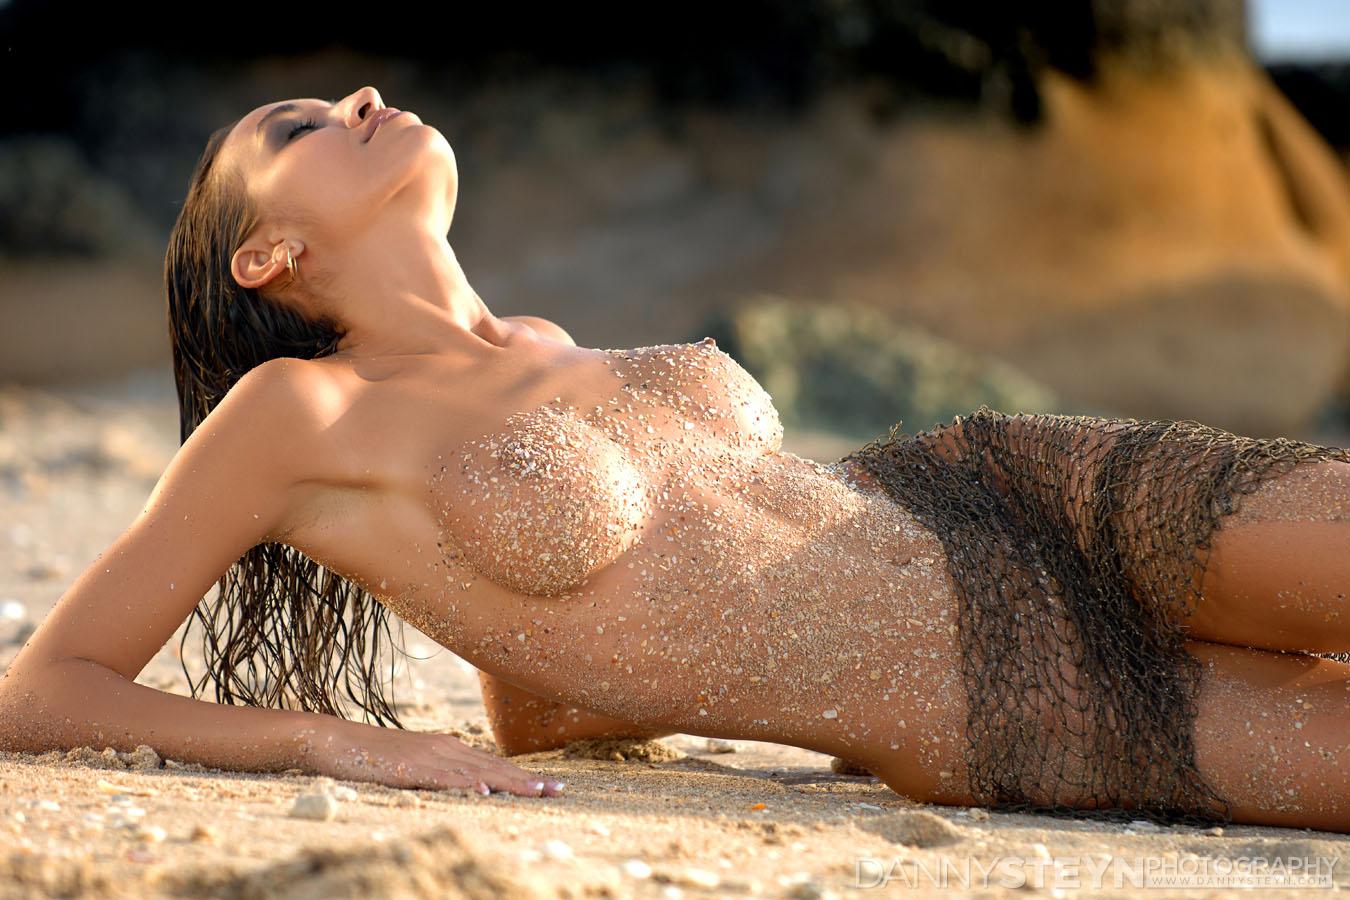 Ft lauderdale erotic actress naked girls having